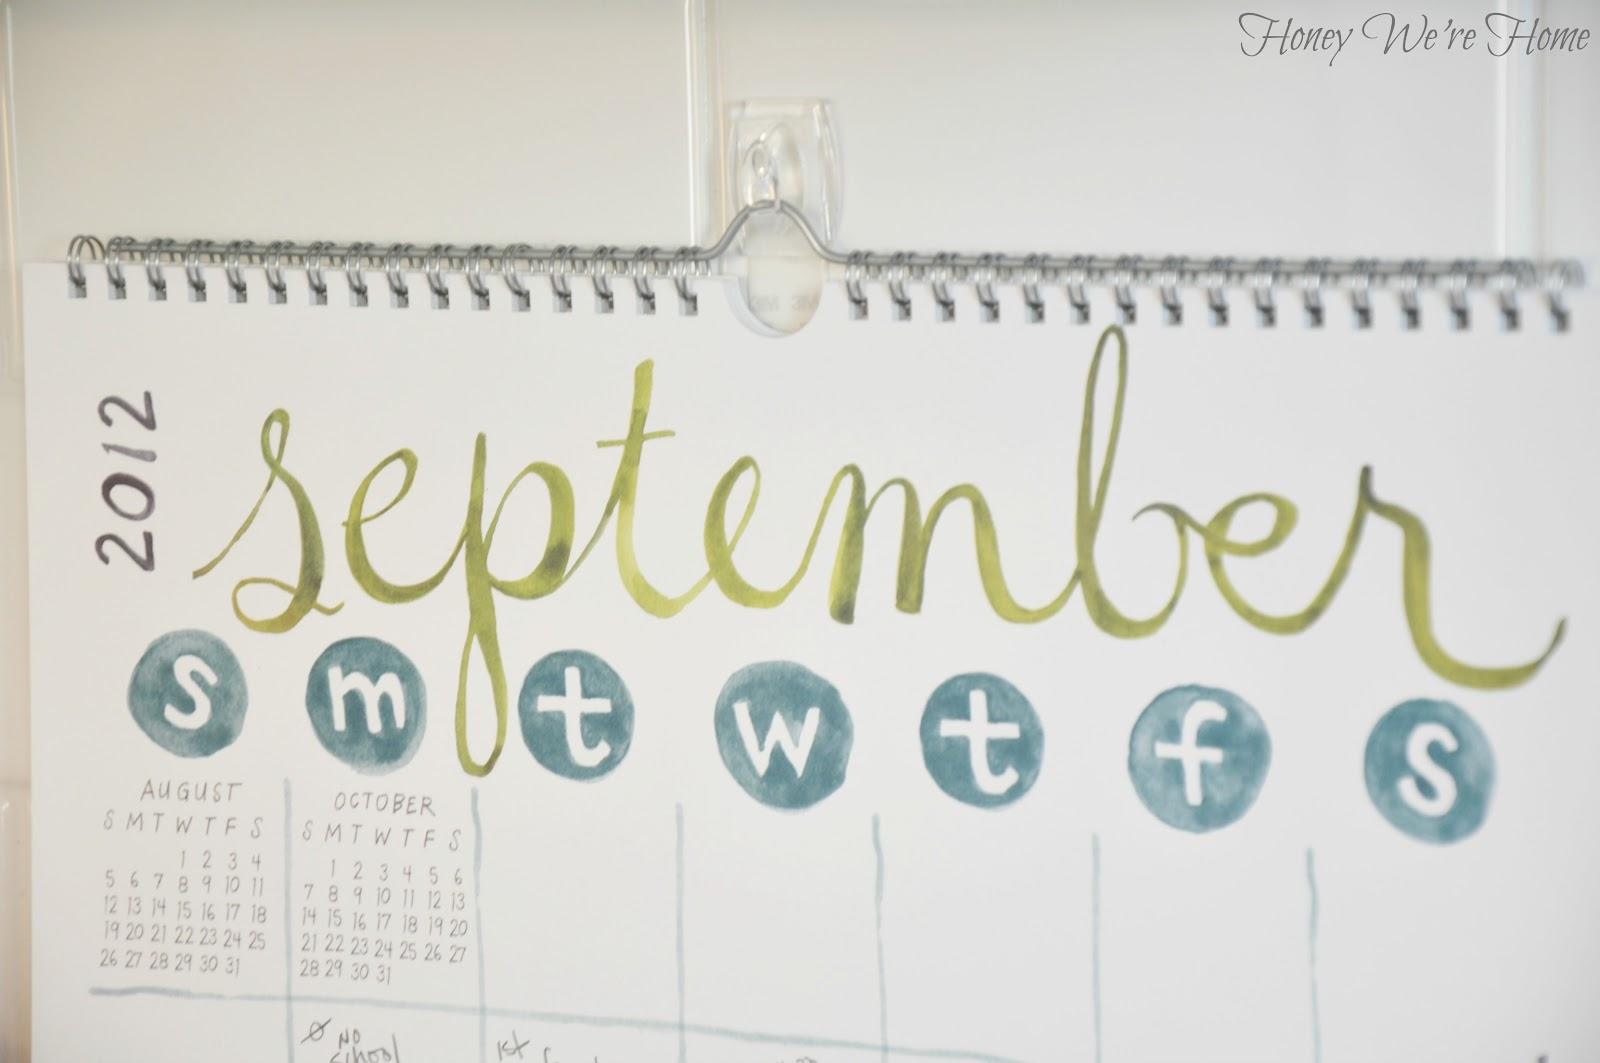 http://4.bp.blogspot.com/-T8THWDsGxQA/UEVn5fmdm6I/AAAAAAAAQiA/99CTIjgkmtw/s1600/Honey+We\'re+Home+Calendar.10.jpg